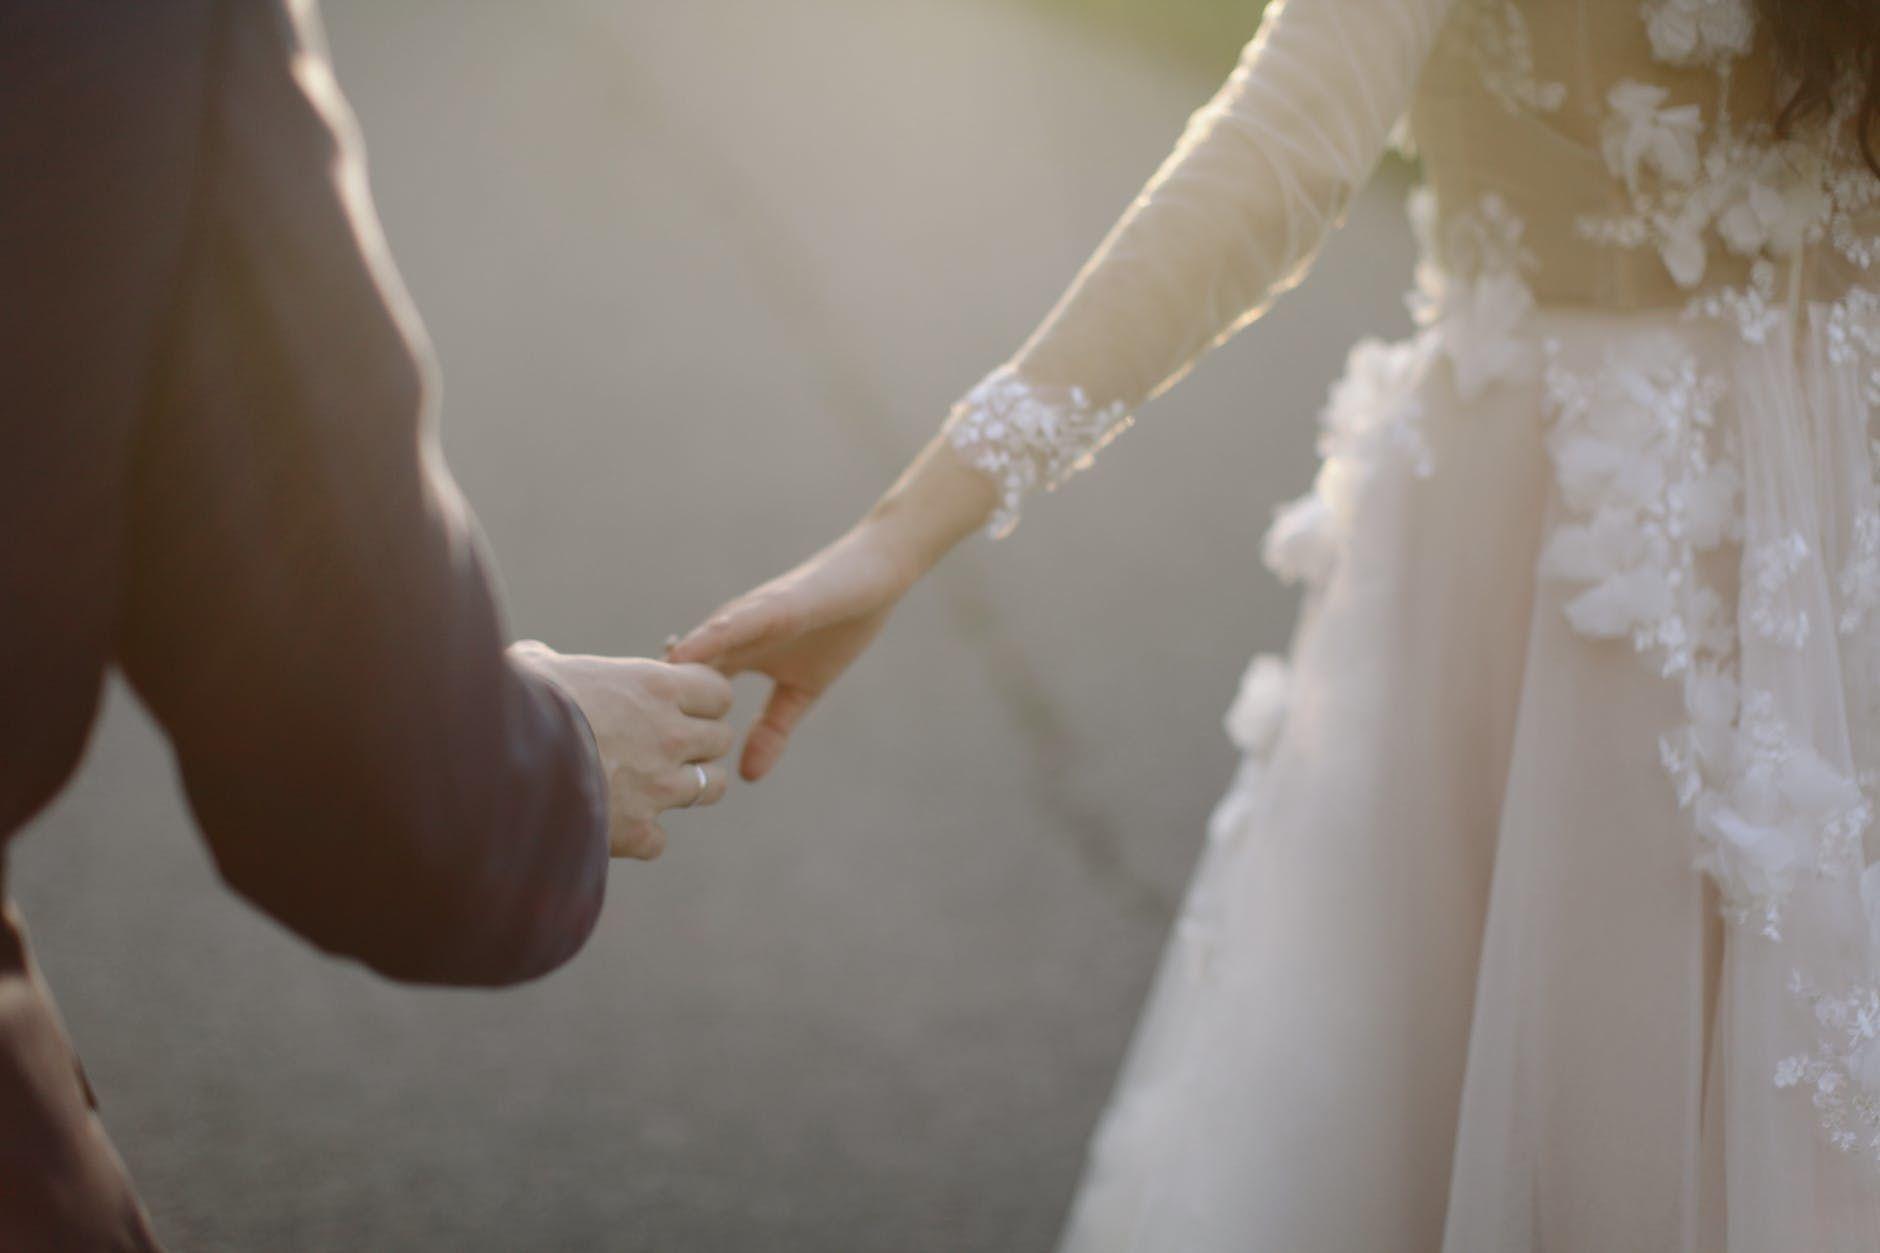 Pernikahan Beda Agama, Apa Saja Tantangannya?